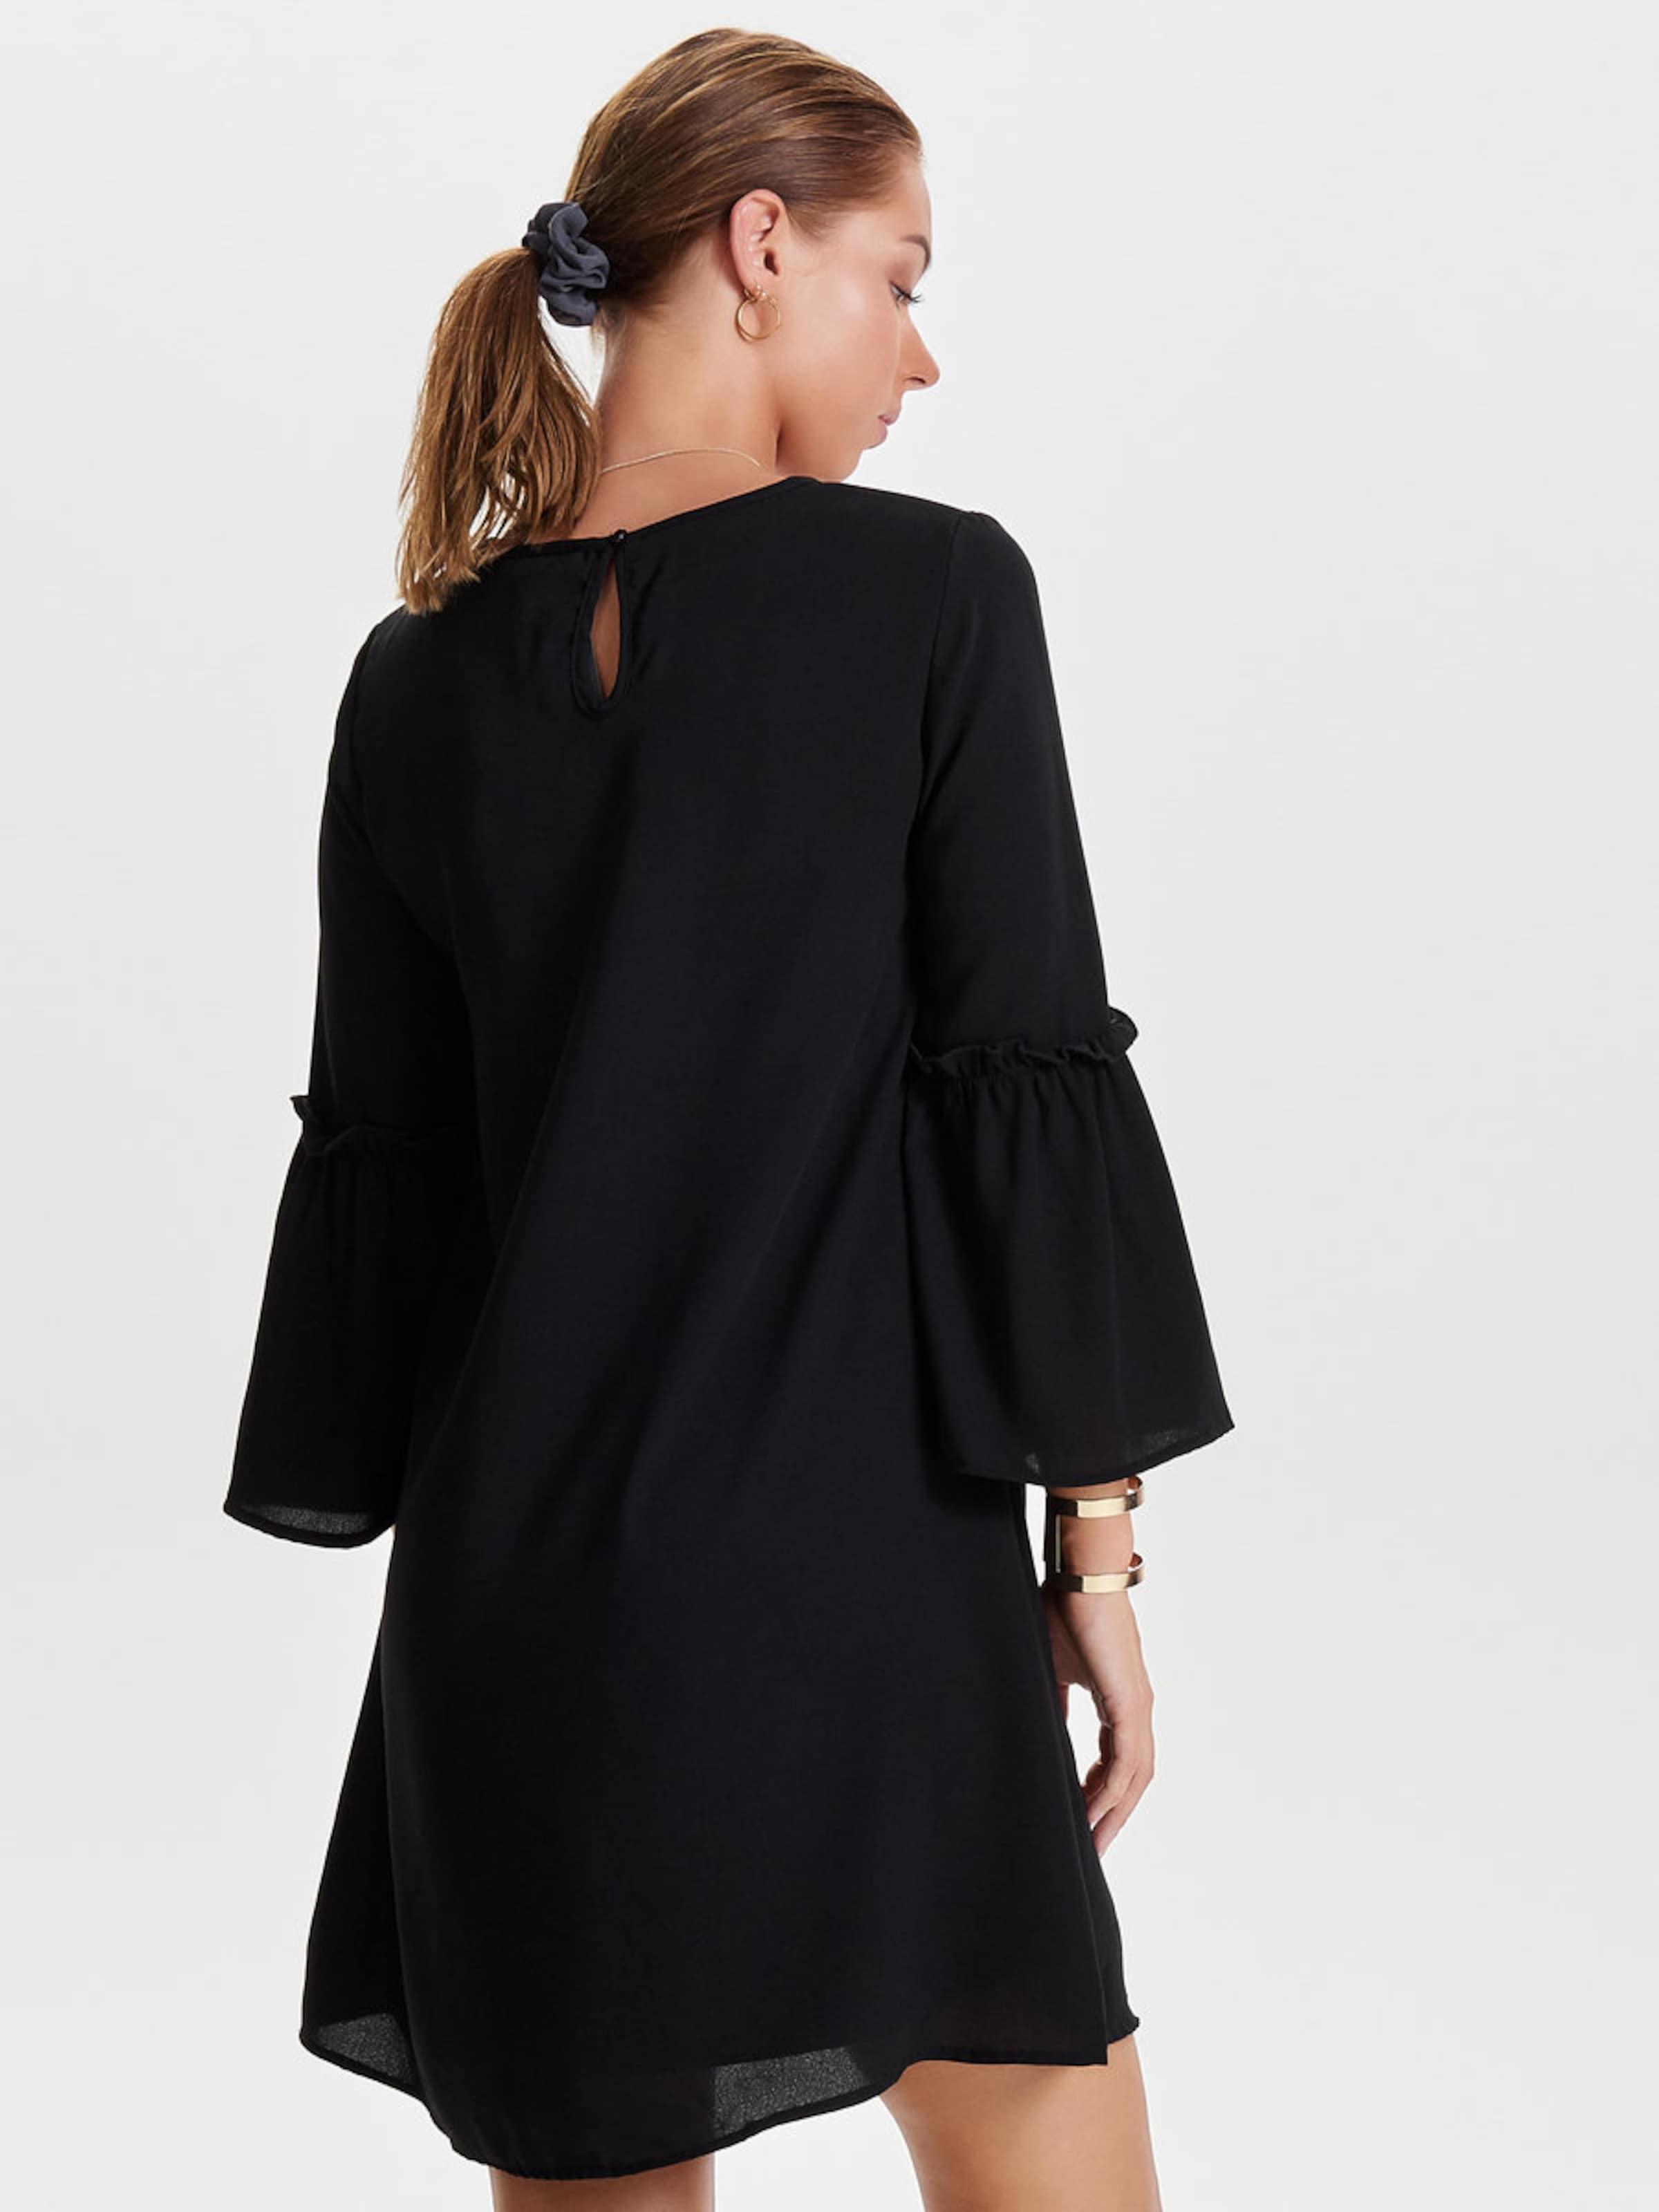 Billig Verkaufen Billigsten Spielraum Fabrikverkauf ONLY Kleid mit ausgestellte 7/8-Ärmel Billig Wie Viel Abstand Rabatt Billigster Günstiger Preis TAfHYG